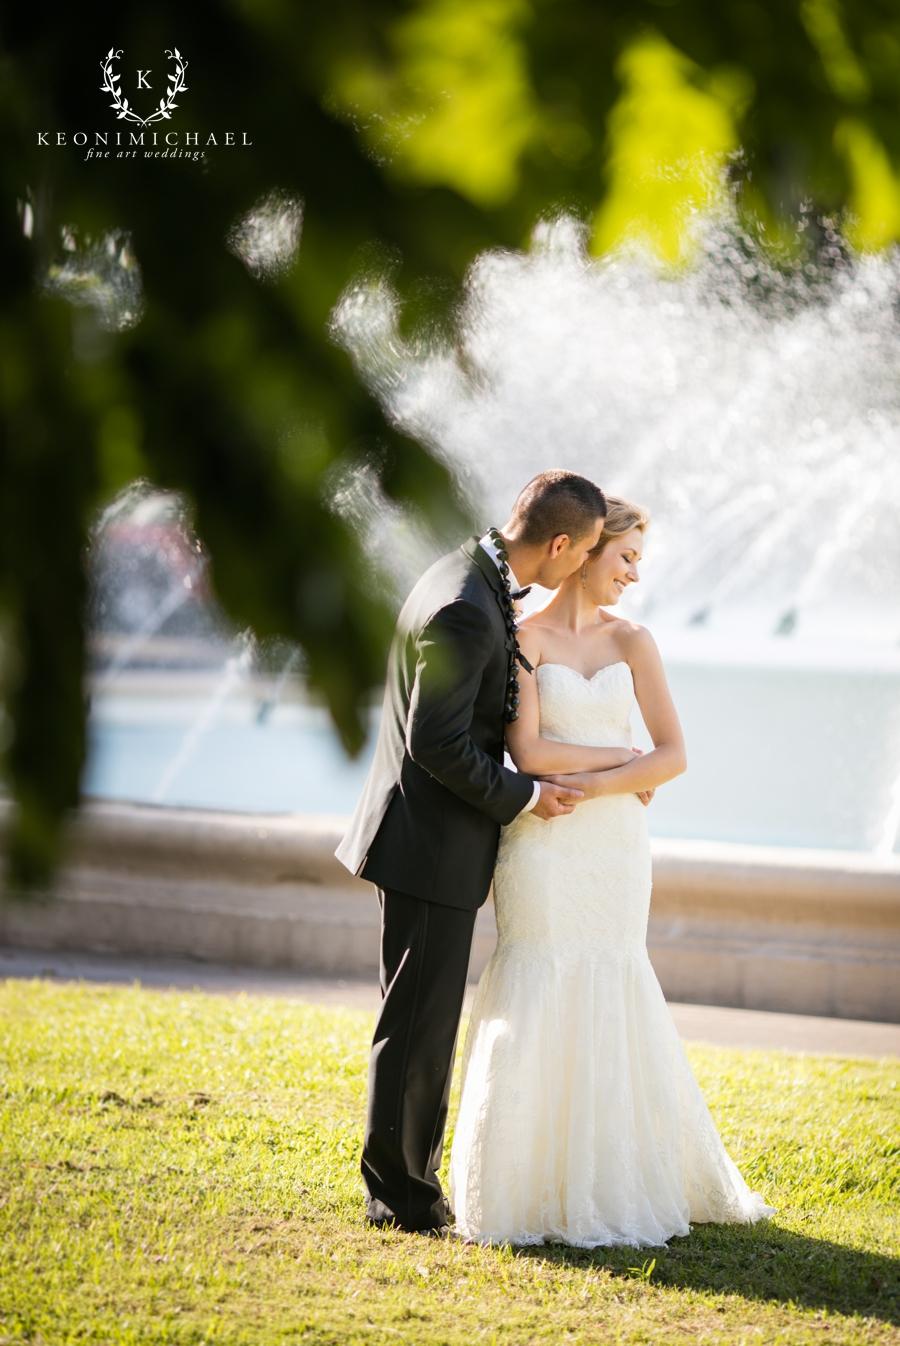 Hawaii Wedding Photographer Keoni Michael Fine Art Weddings